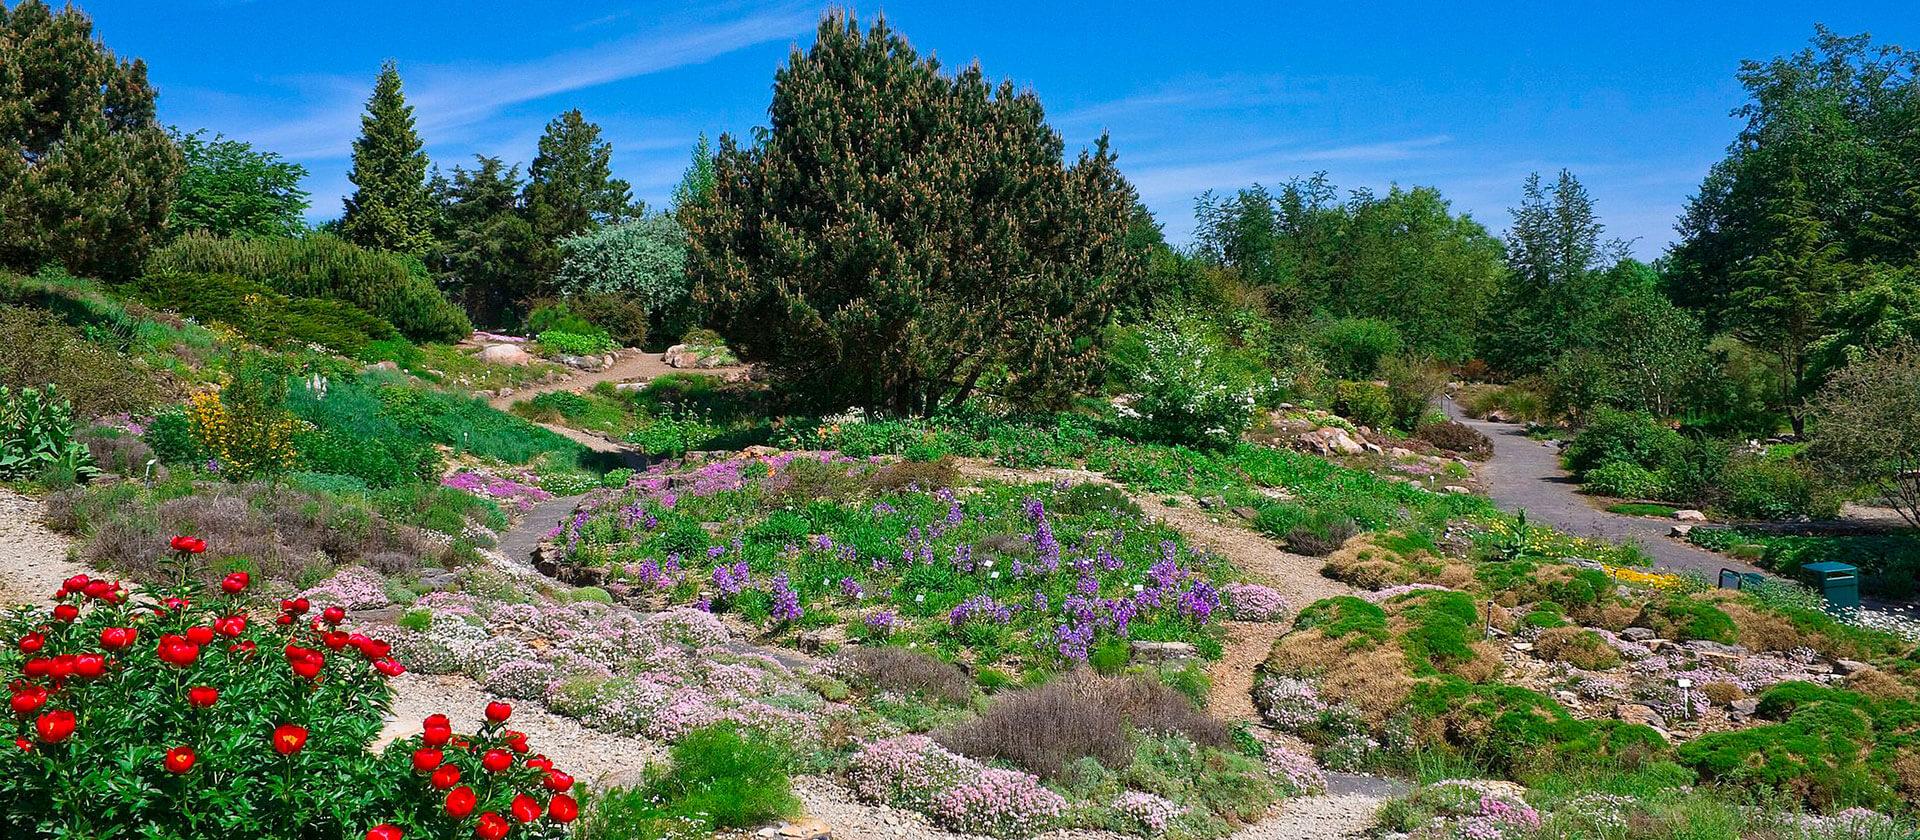 Neuer Botanischer Garten, Credits by Willow via Wikimedia